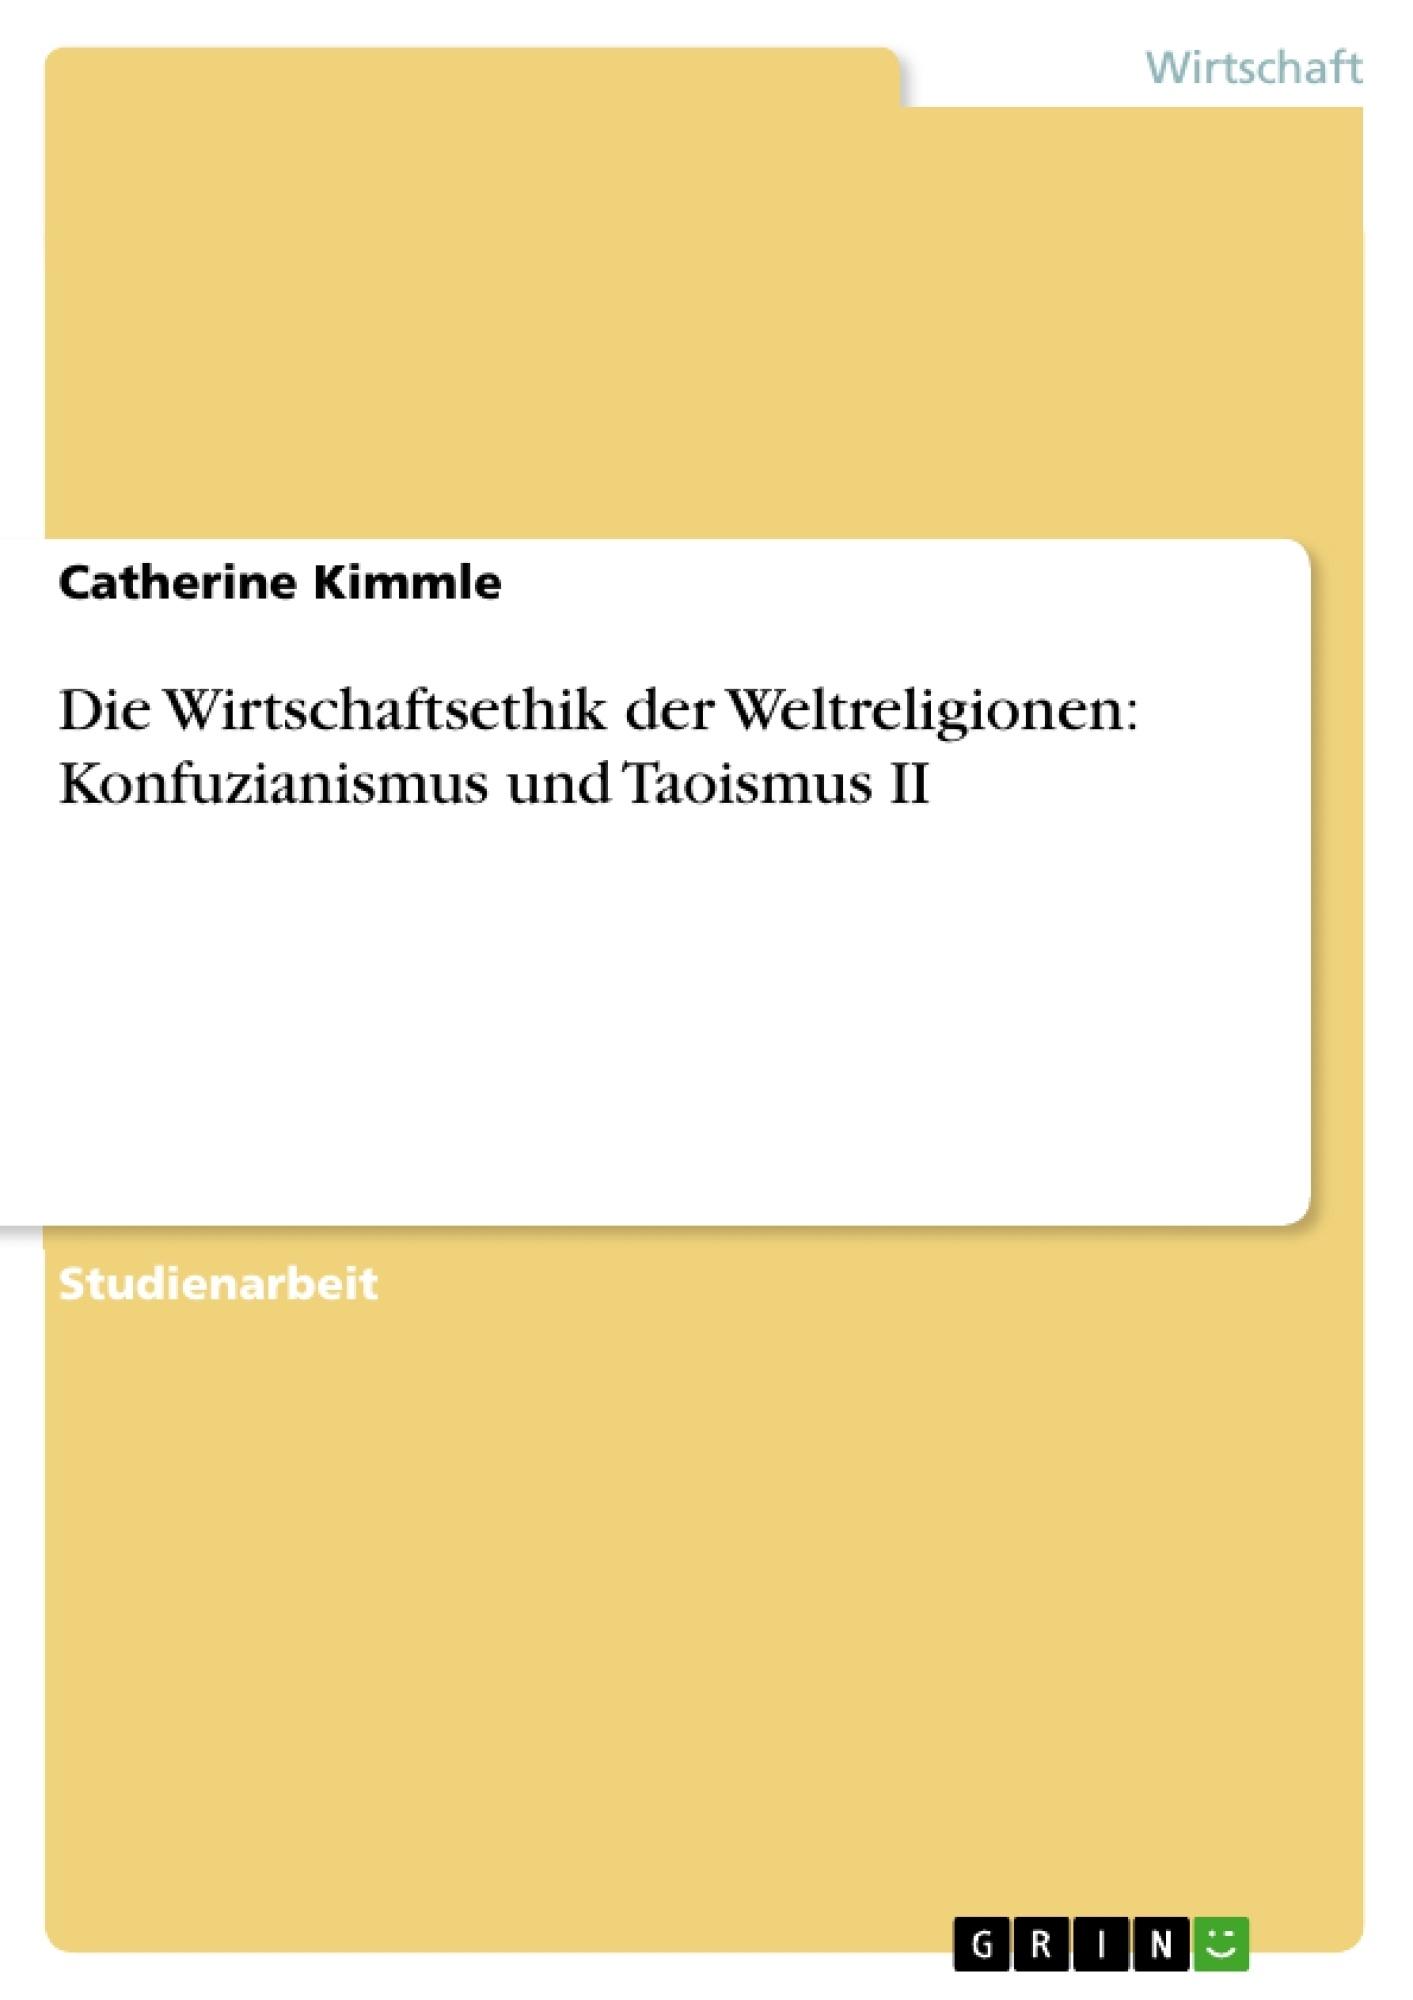 Titel: Die Wirtschaftsethik der Weltreligionen: Konfuzianismus und Taoismus II